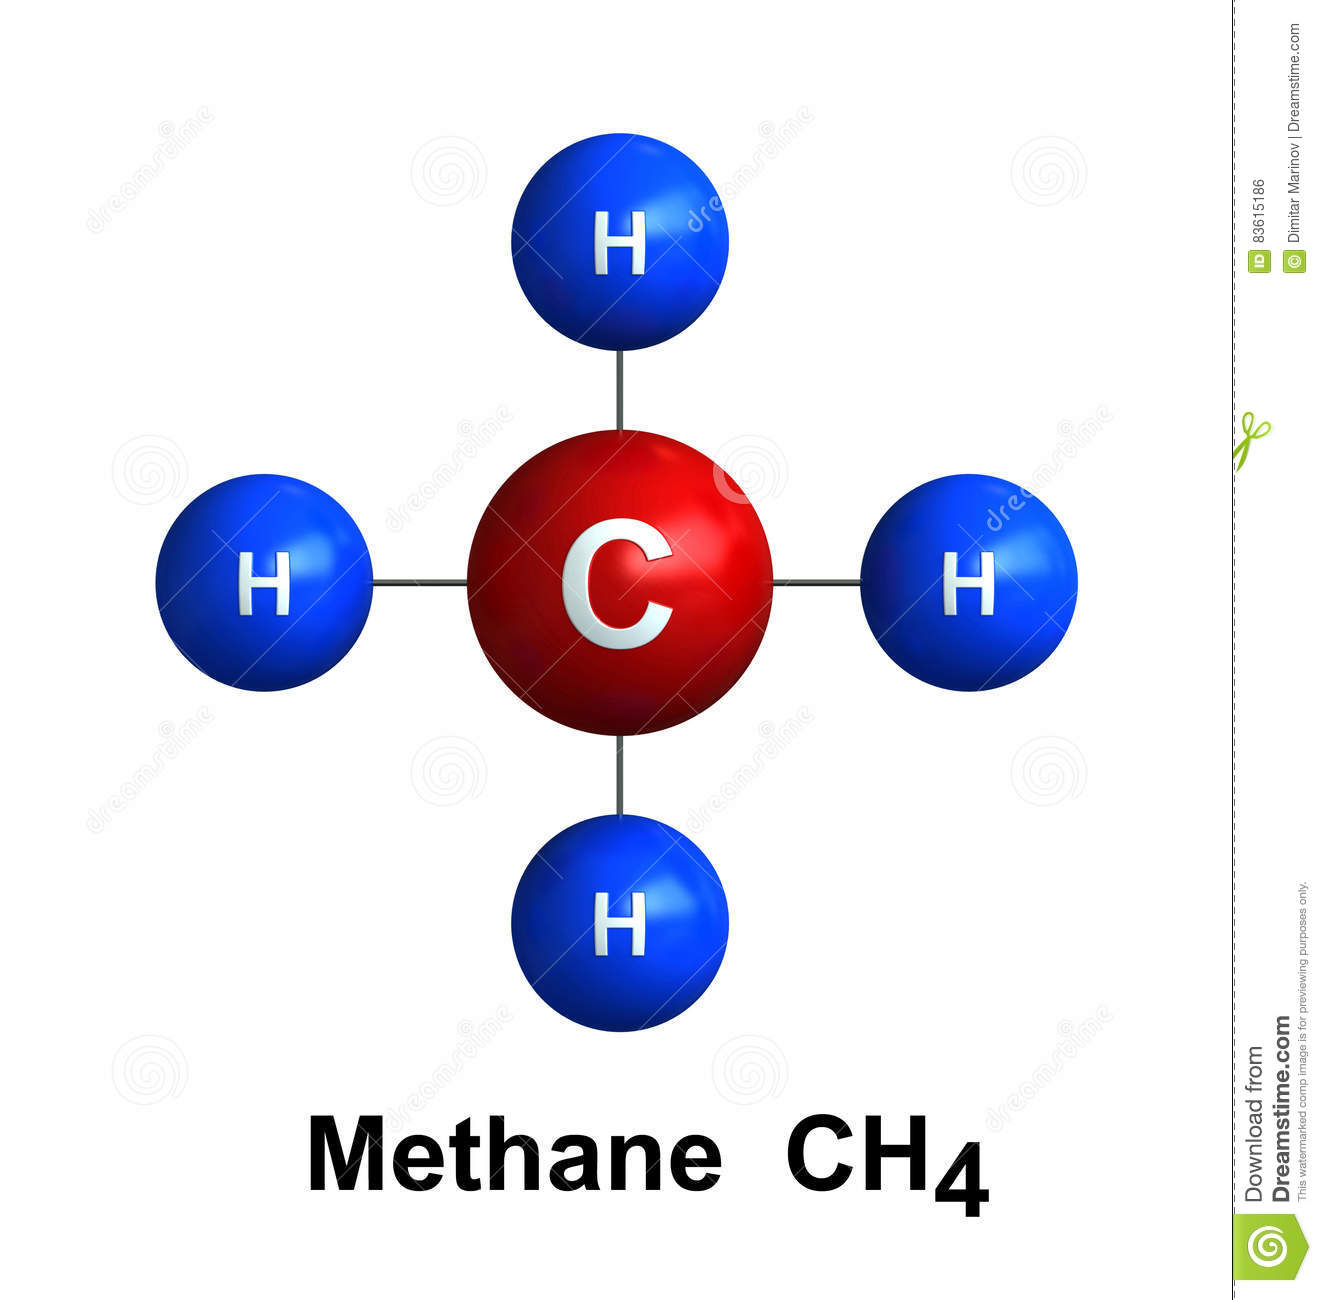 Метан для мышц. как принимать? побочные эффекты